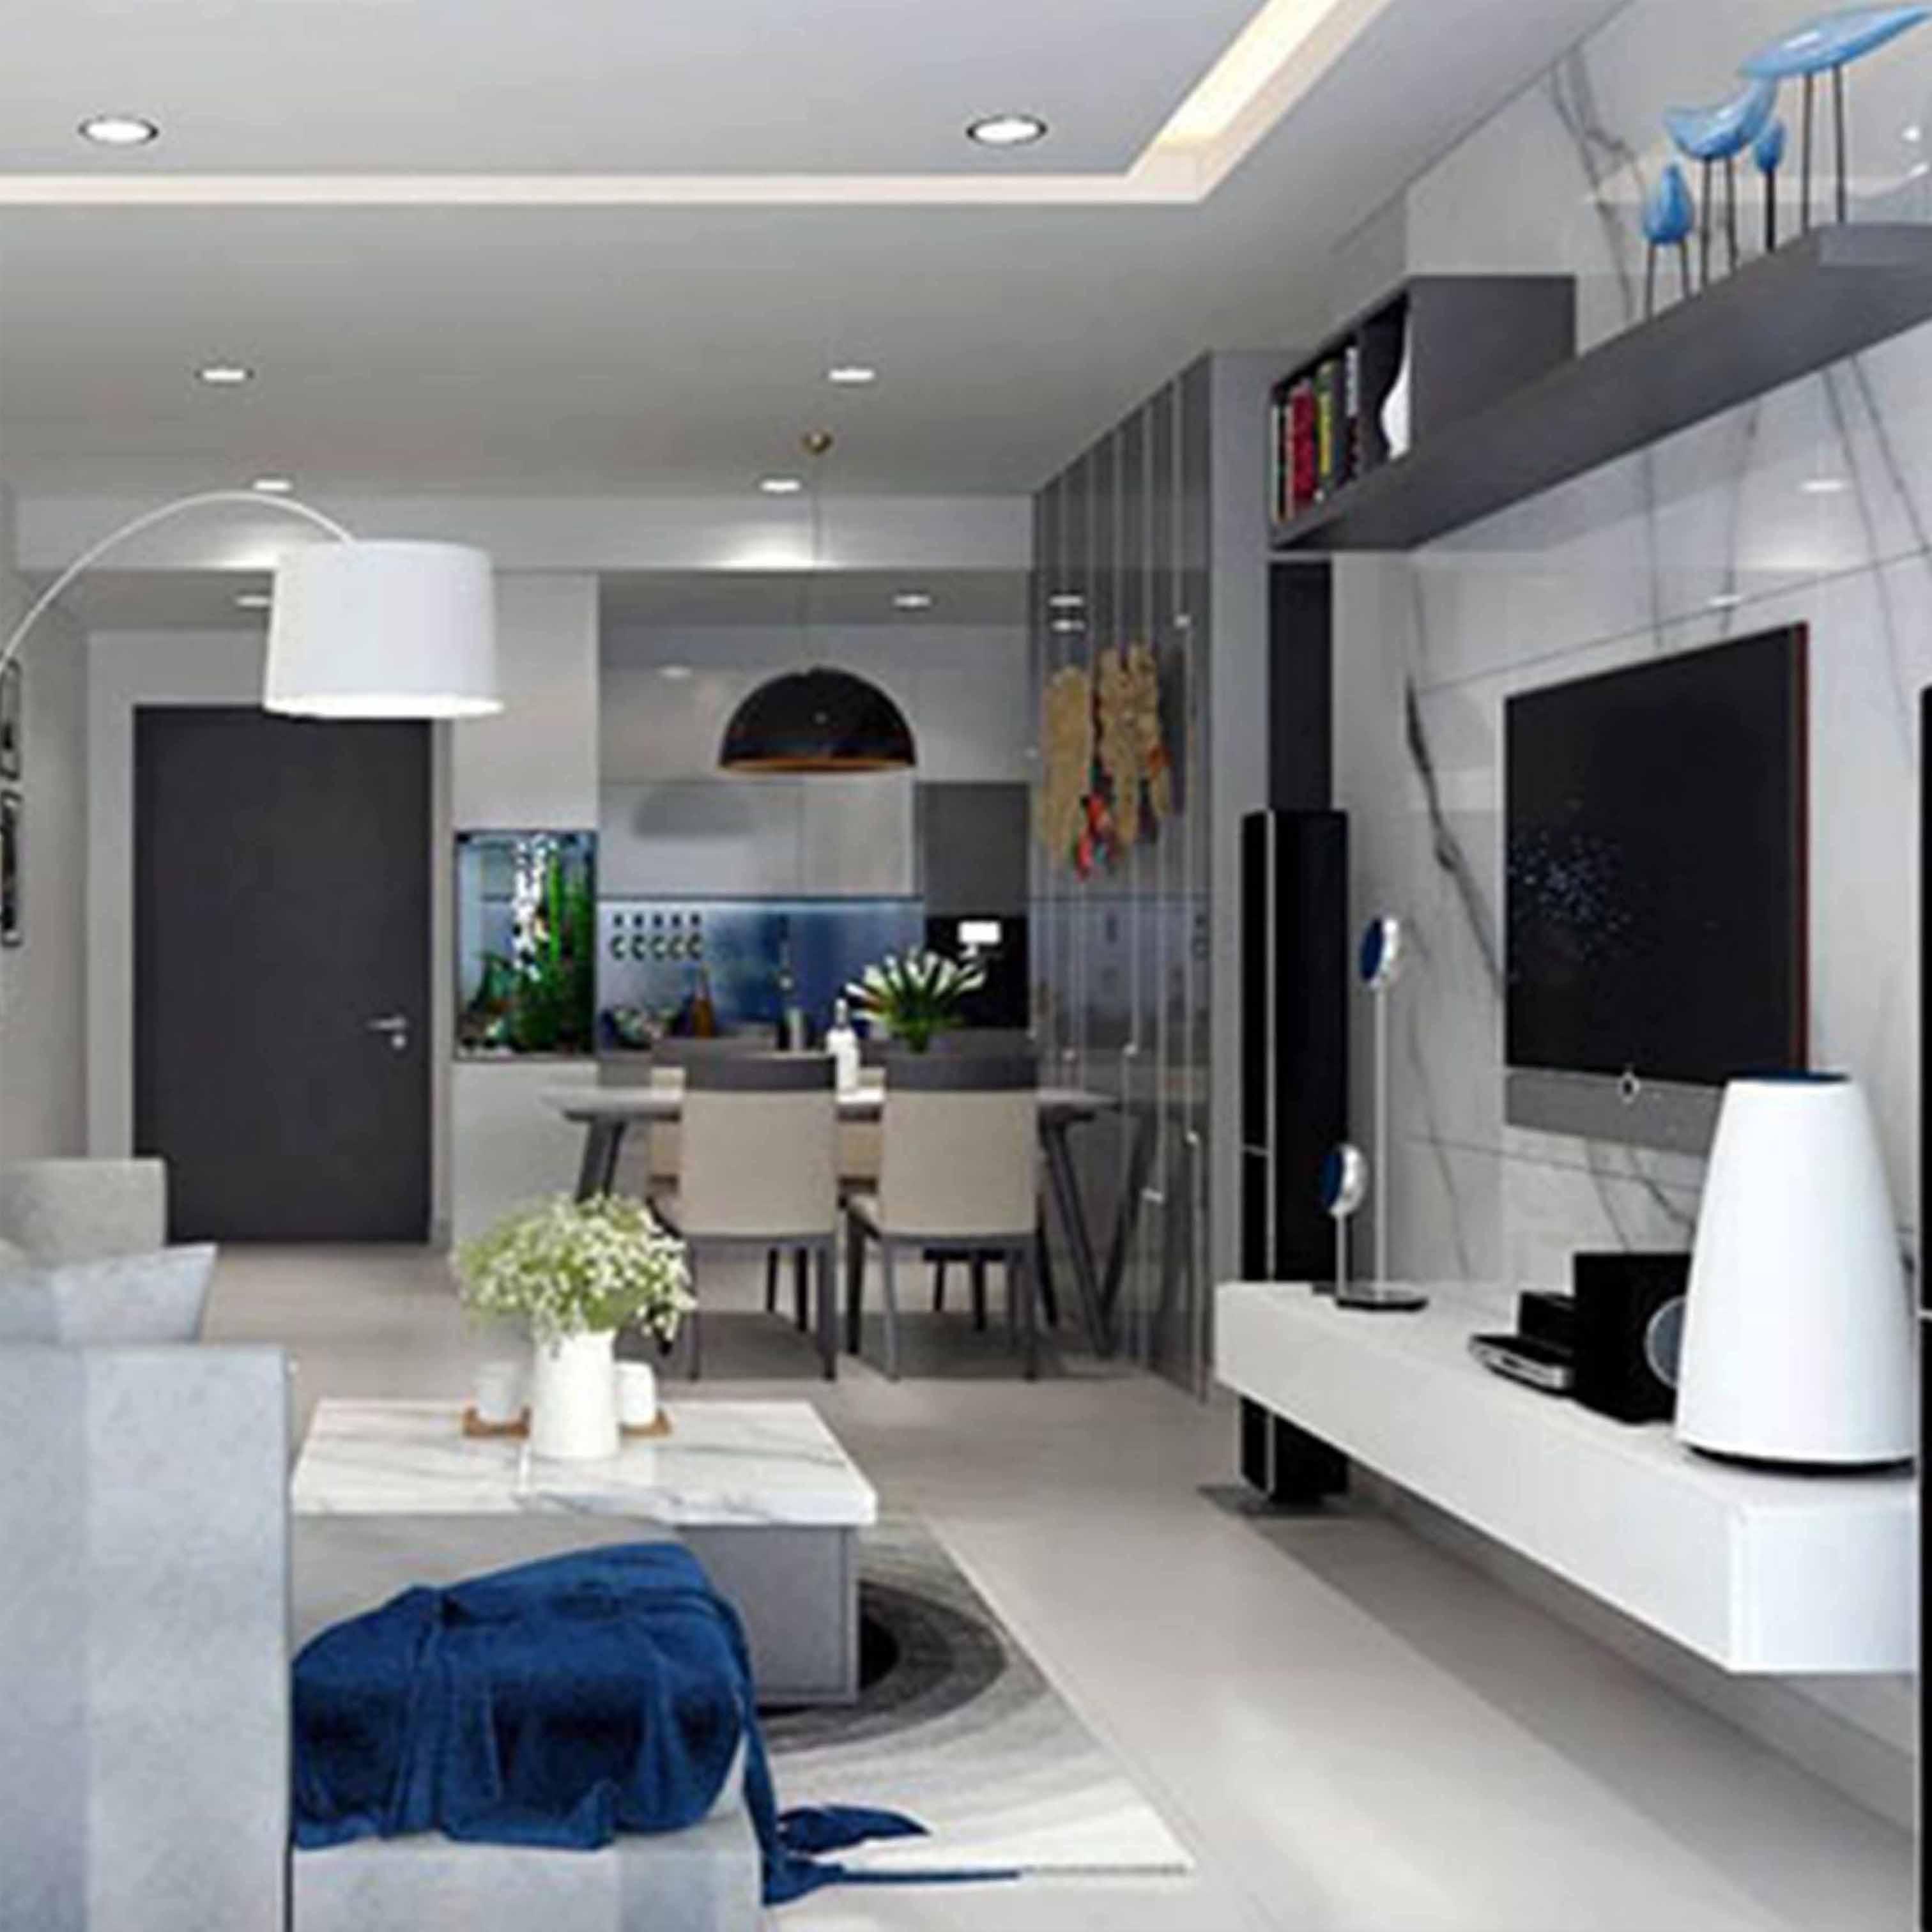 Thiế thất kế nội thất căn hộ chung cư - TK8LHFU